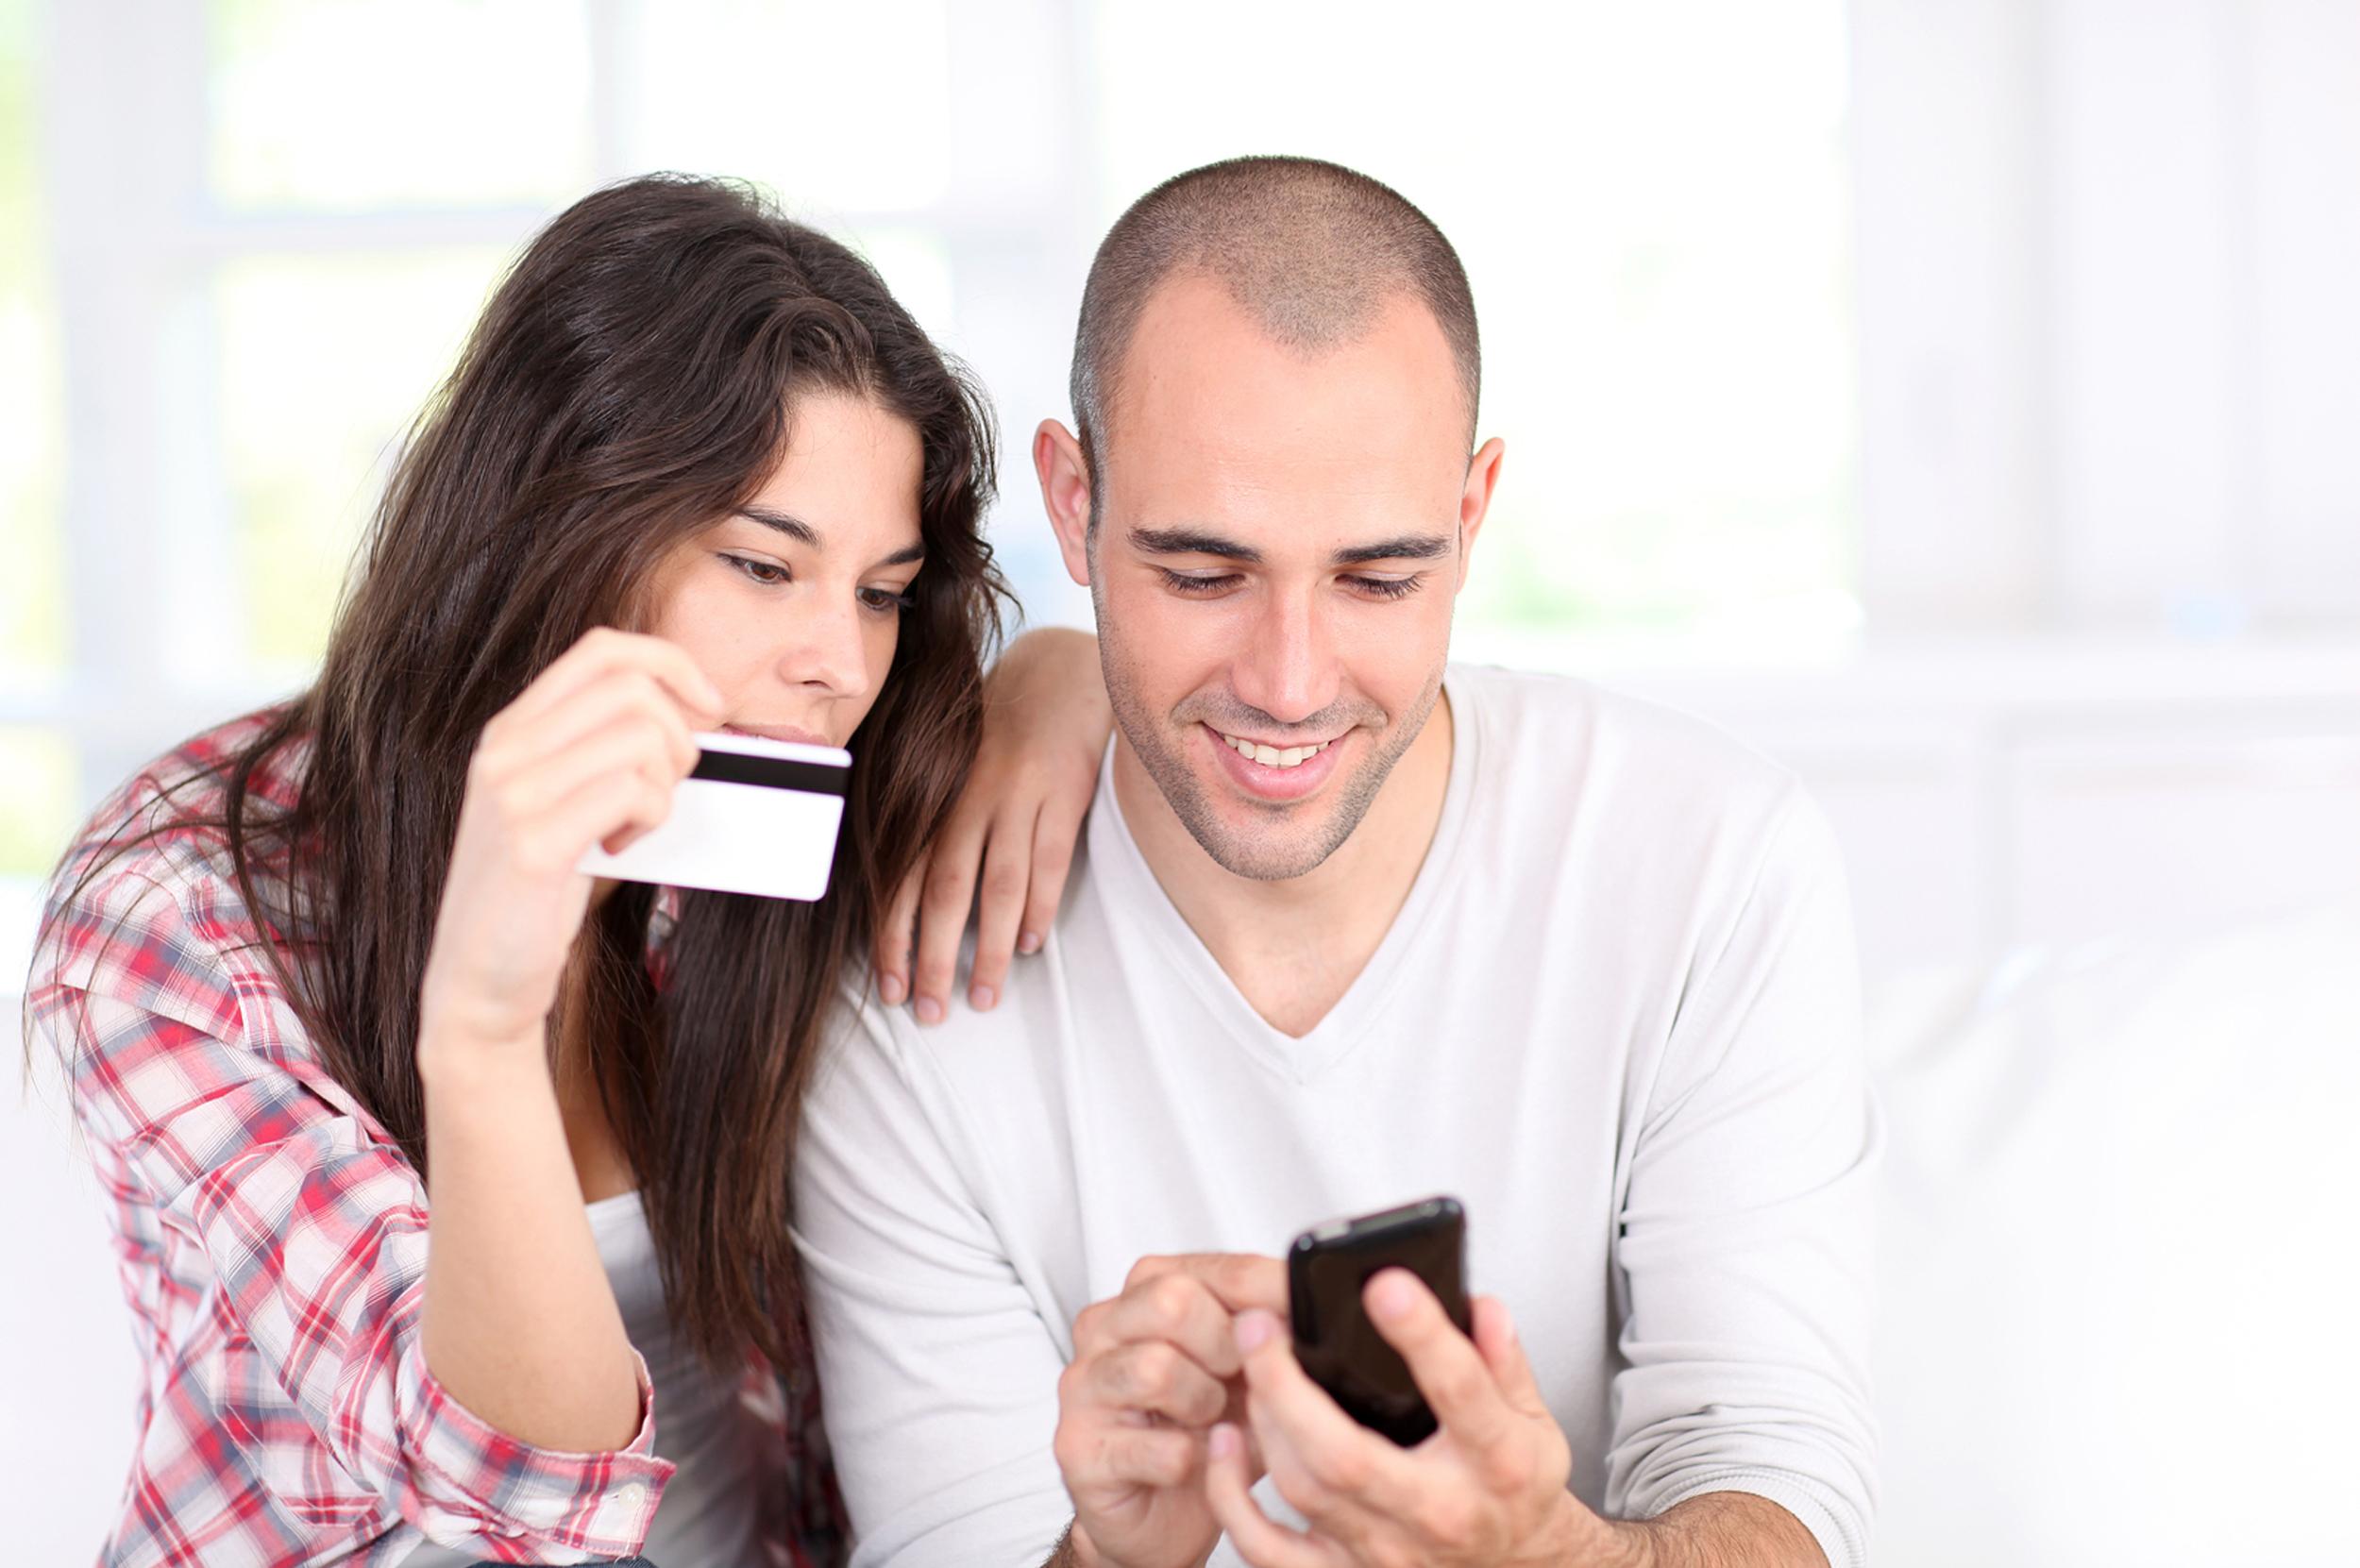 Cách mua thẻ điện thoại trực tuyến nhanh nhất bạn chưa biết